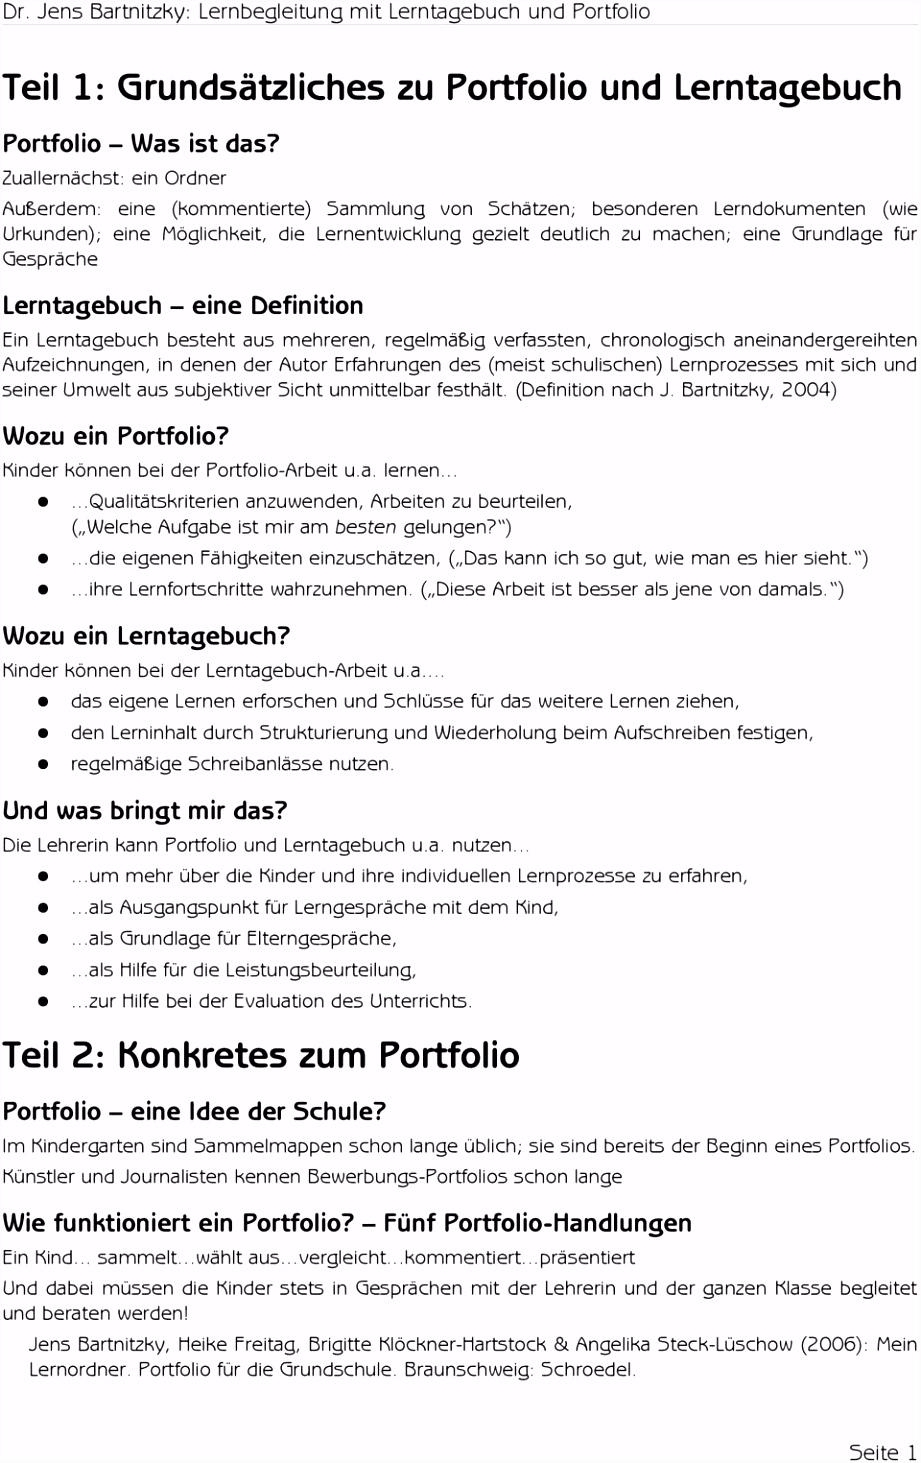 Teil 1 Grundsätzliches zu Portfolio und Lerntagebuch PDF